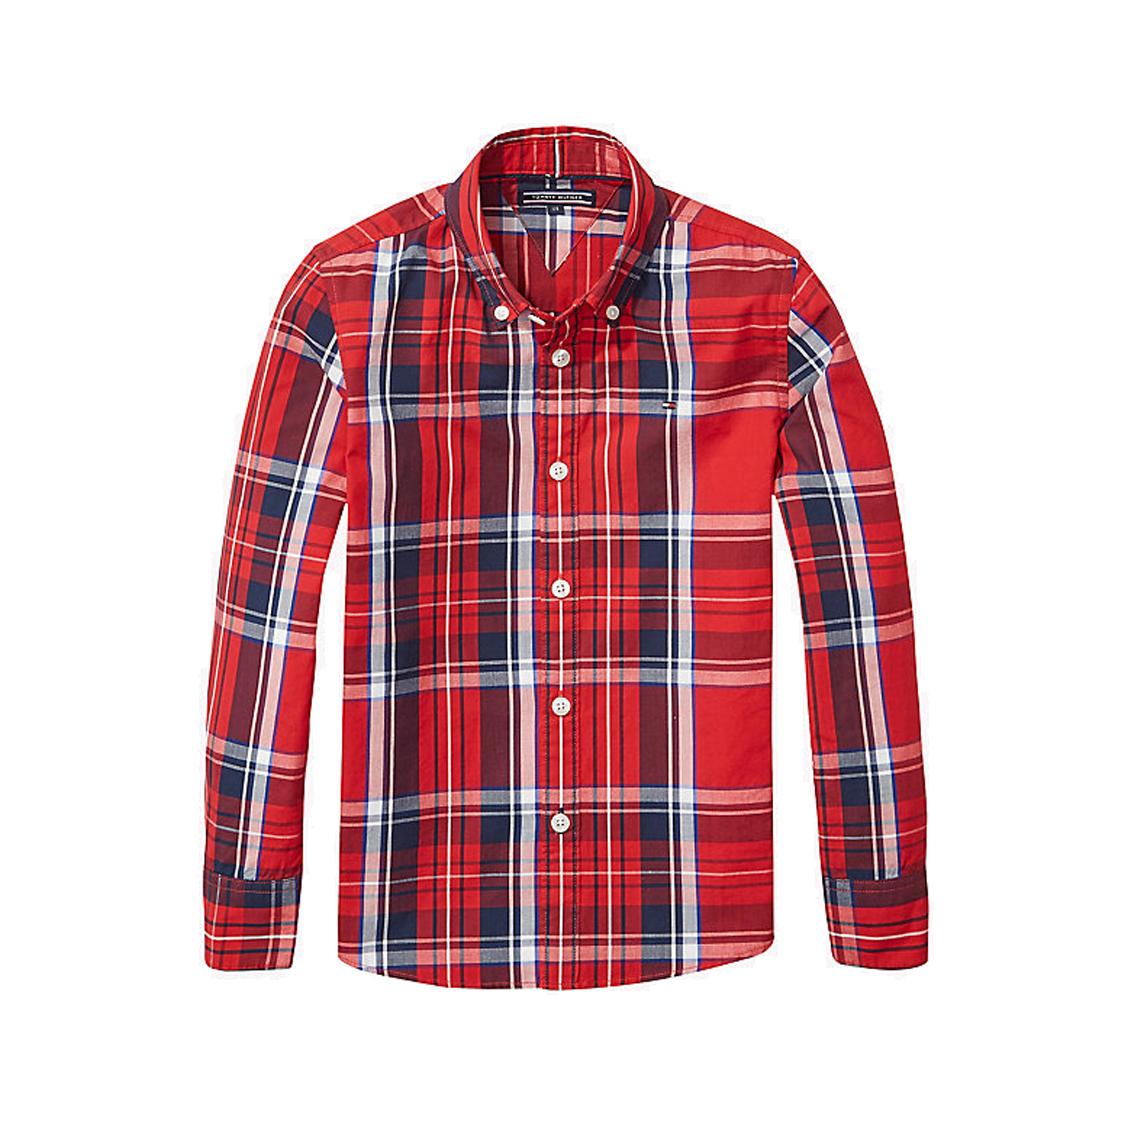 Chemise droite  en coton à carreaux rouges, blancs et bleu marine